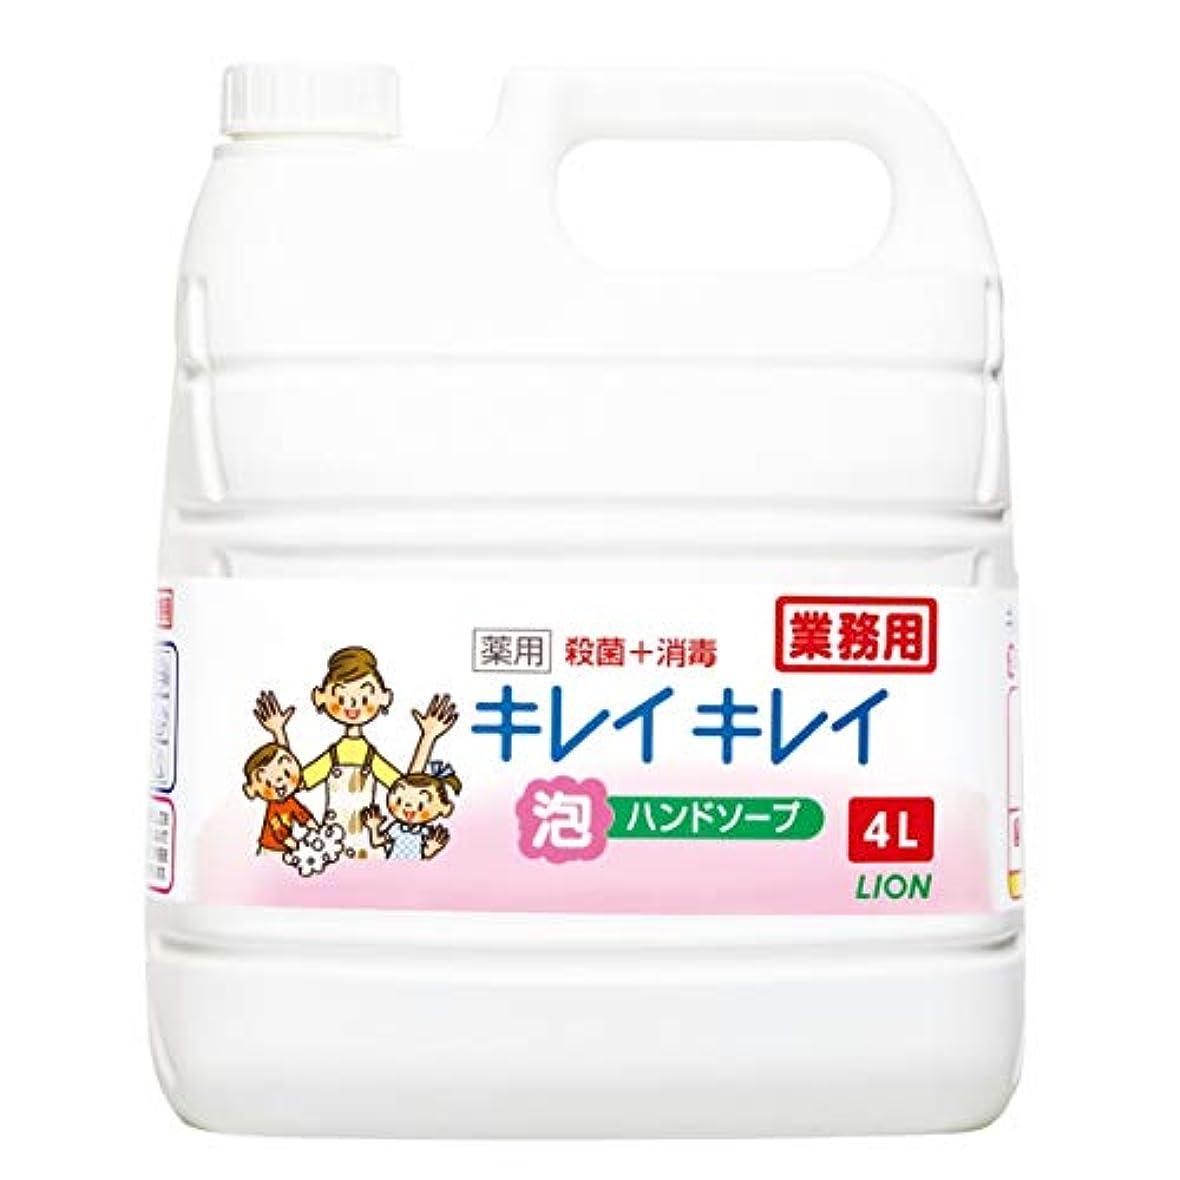 トリクル提供されたキャスト【業務用 大容量】キレイキレイ 薬用 泡ハンドソープ シトラスフルーティの香り 液体 単品 4L(医薬部外品)